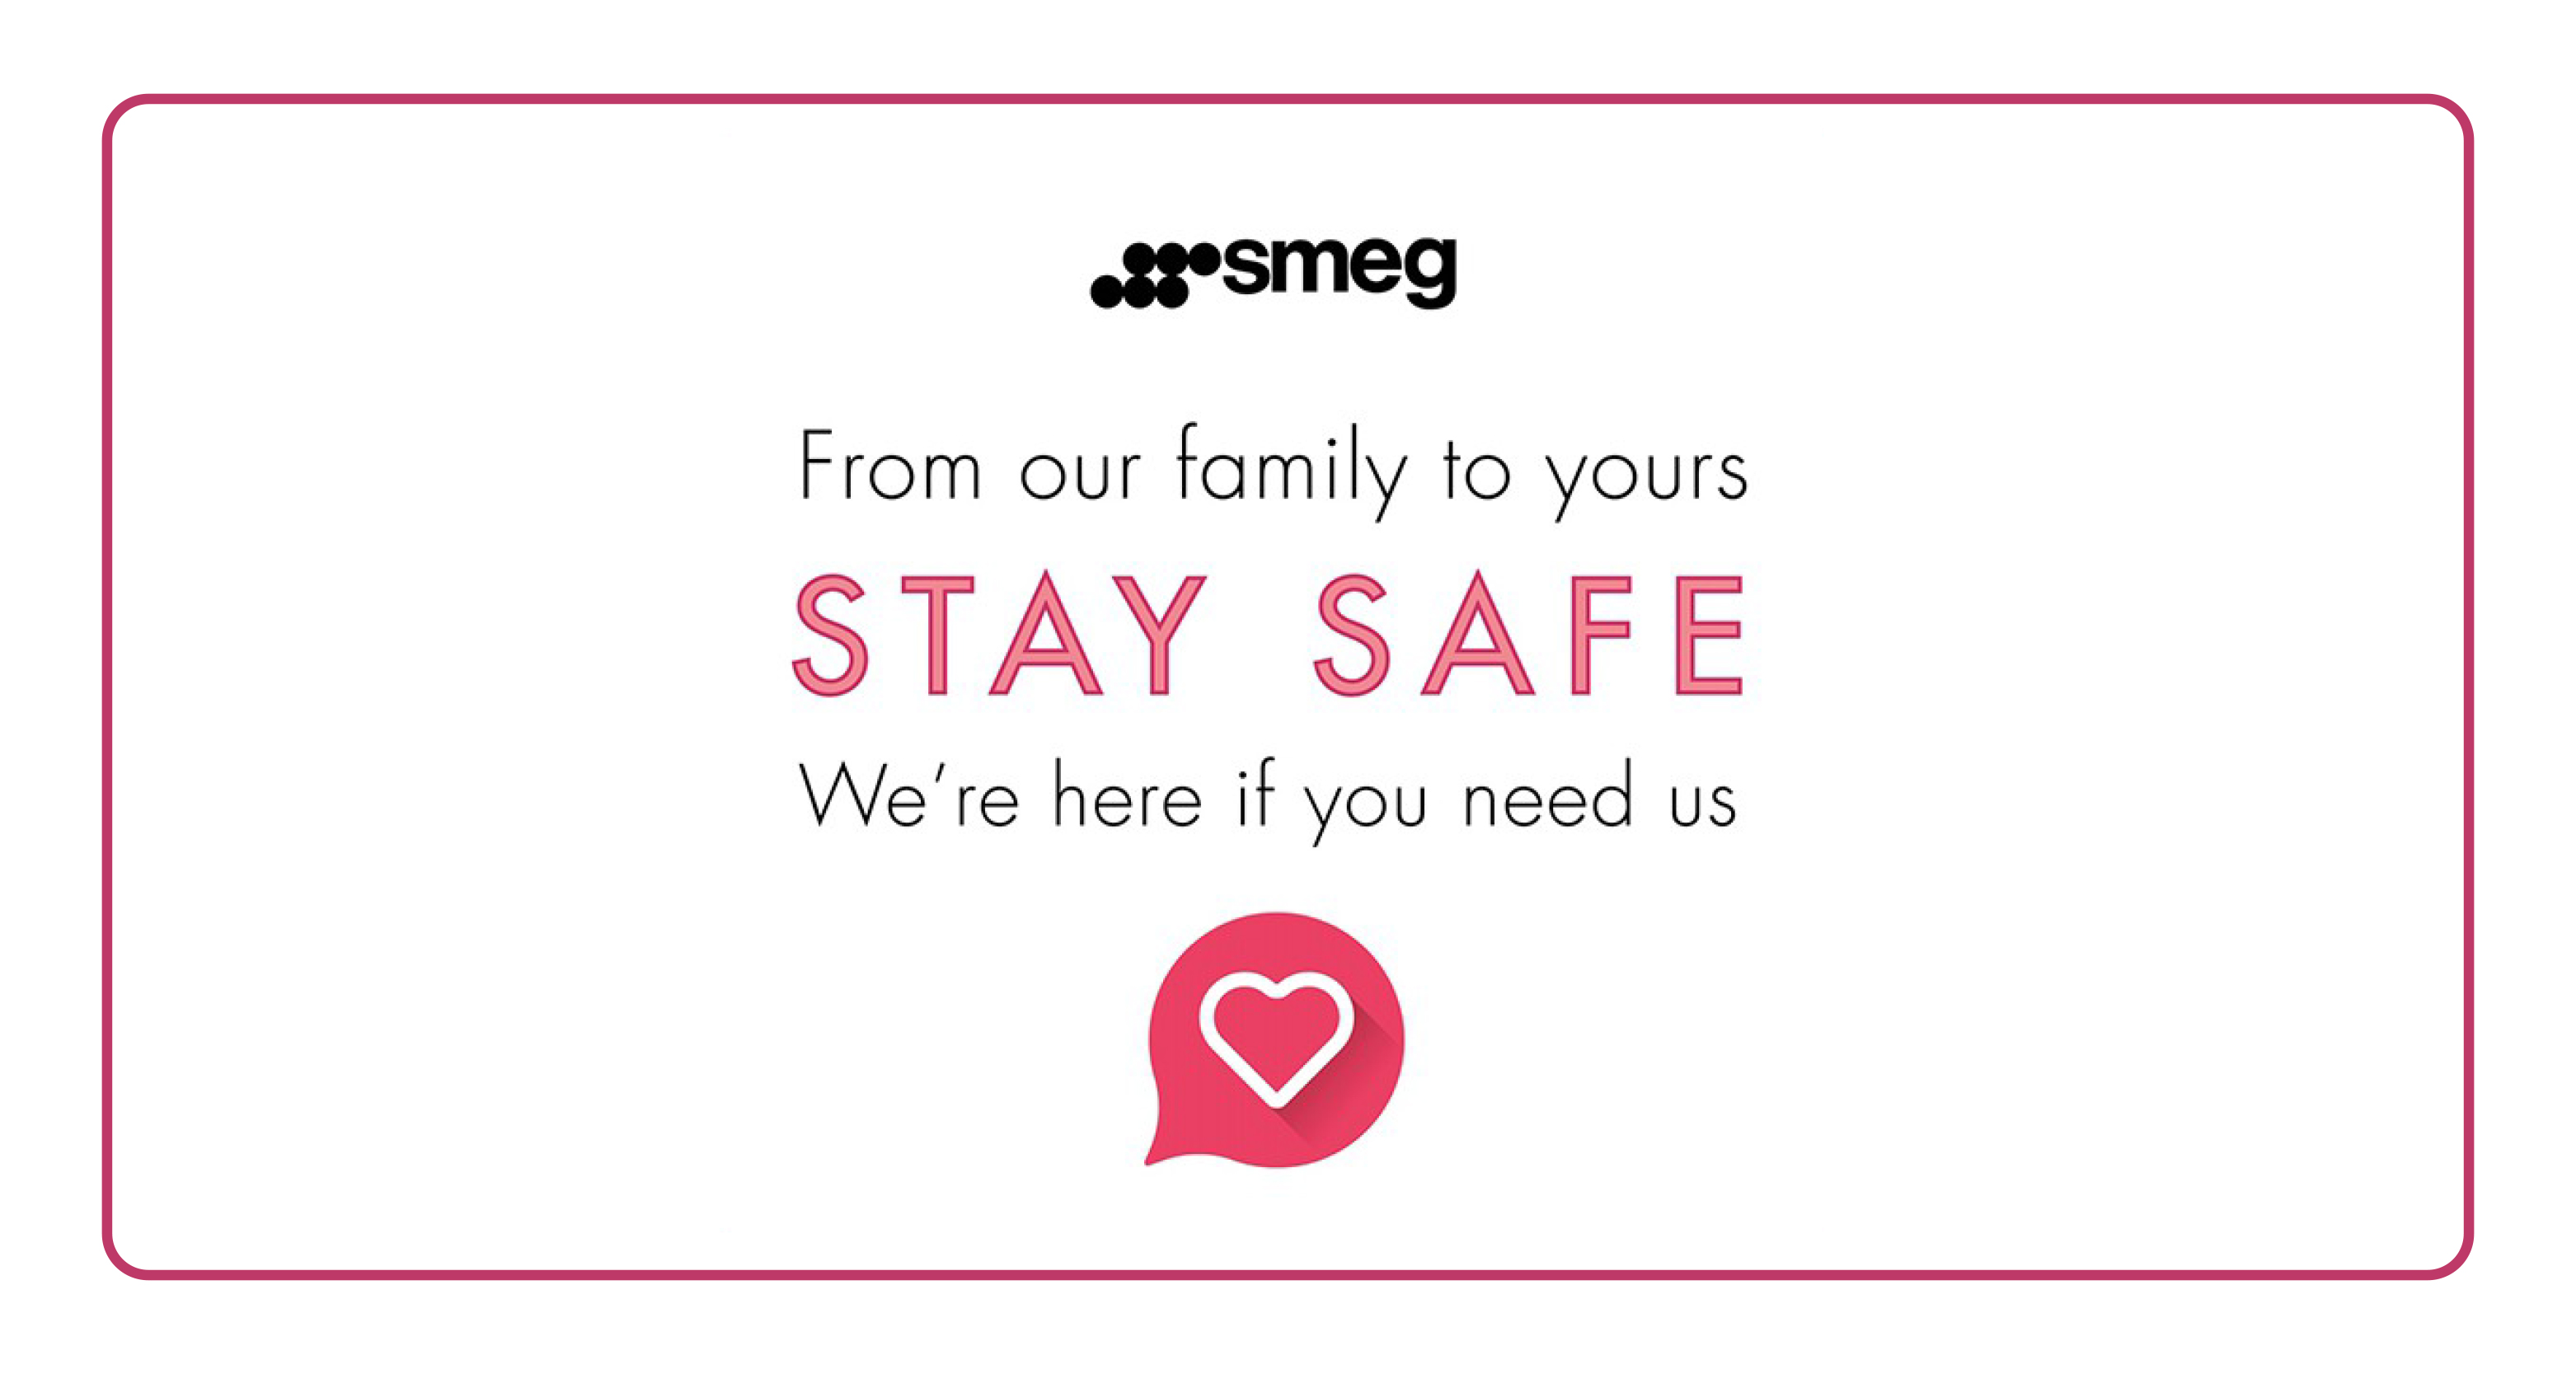 SMEG STAY SAFE